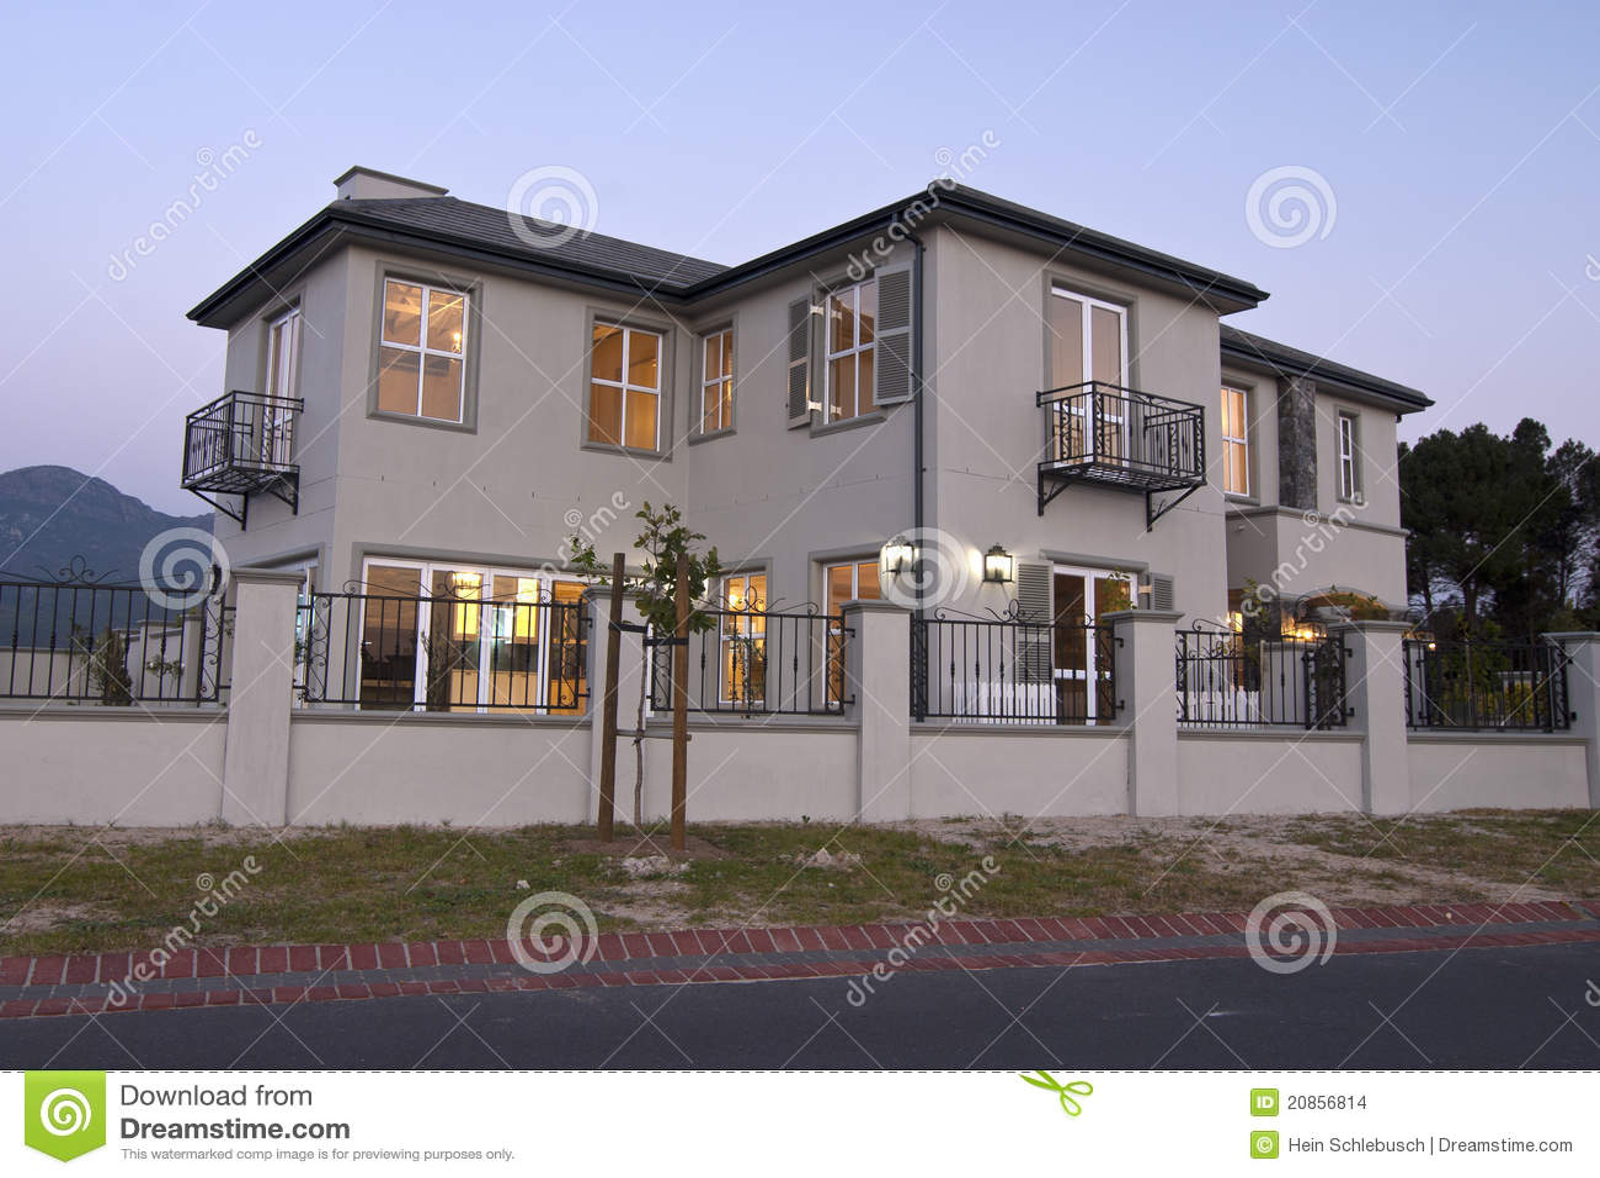 Extérieur - maison moderne photo stock. Image du résidentiel - 20856814